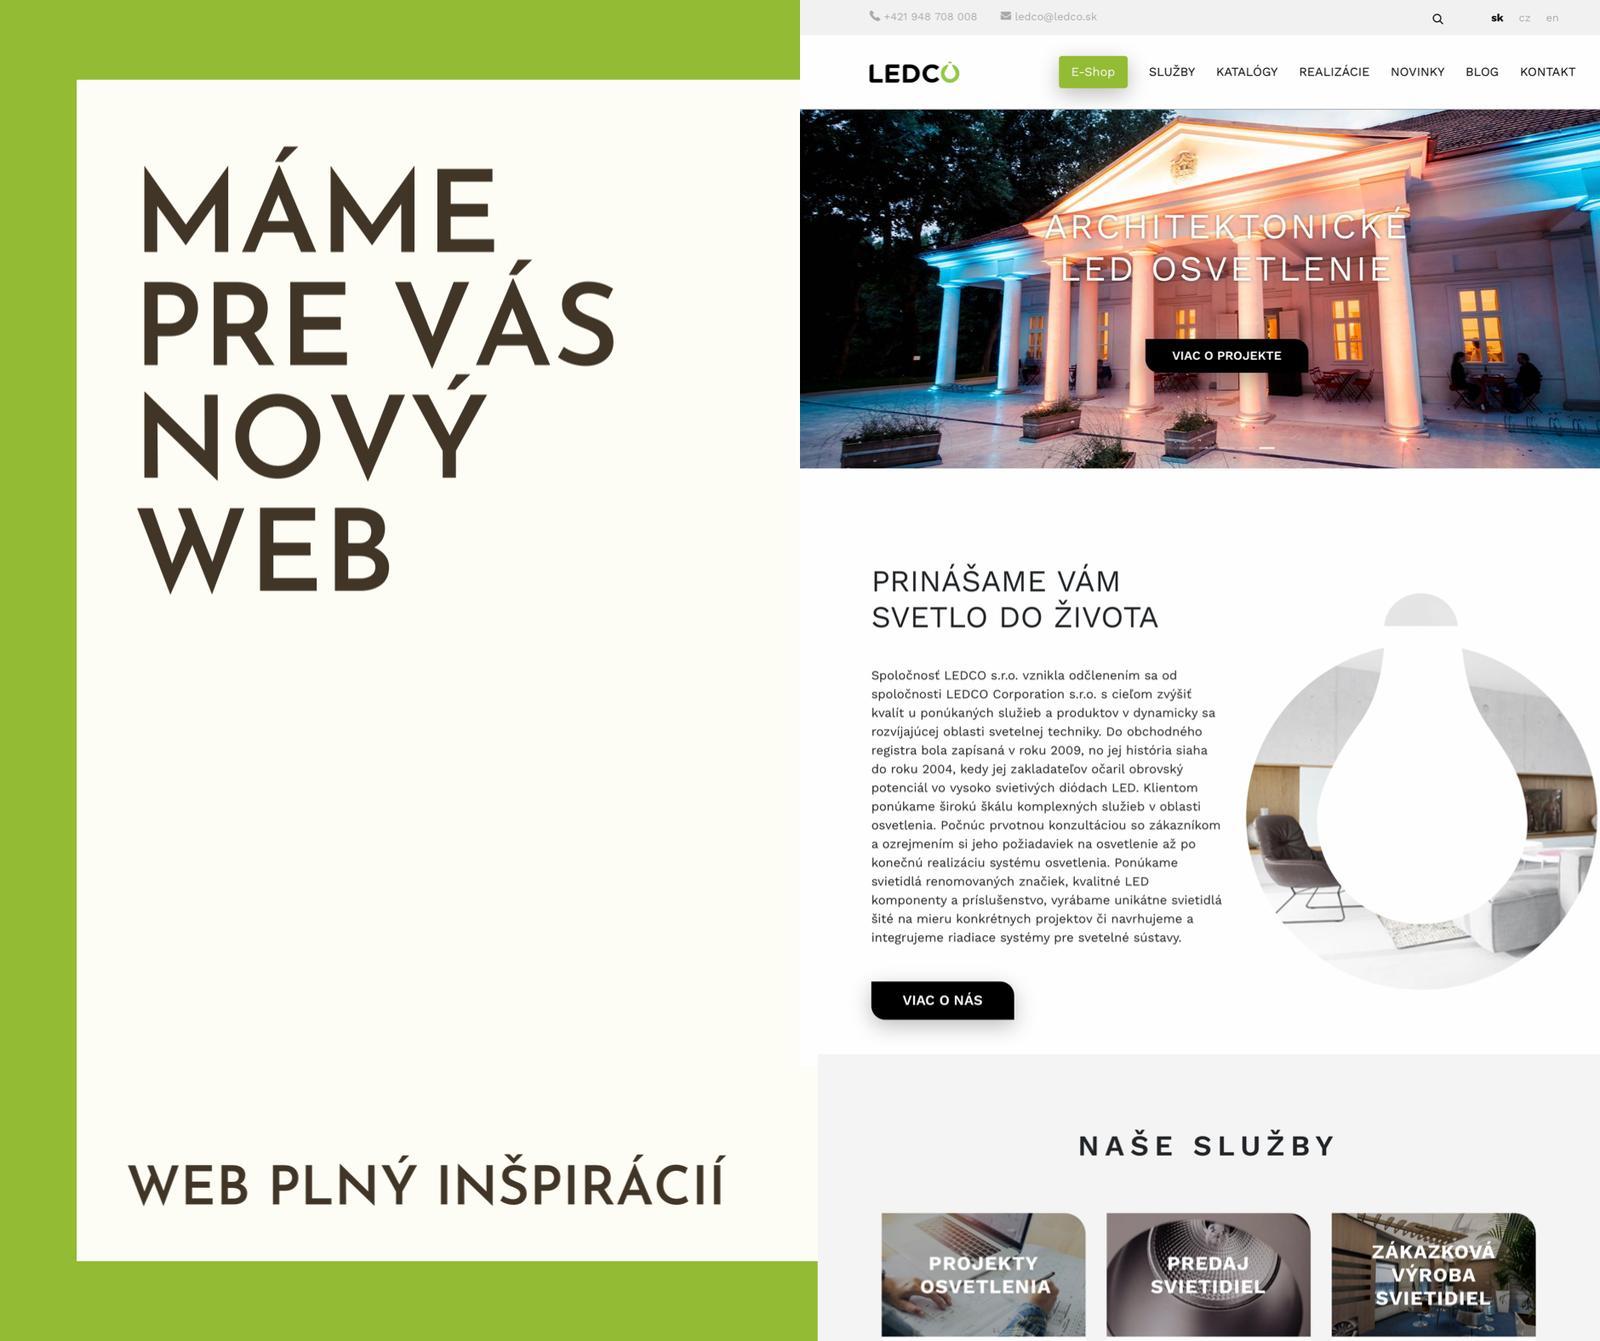 Nový web plný svetelných inšpirácií - Obrázok č. 1